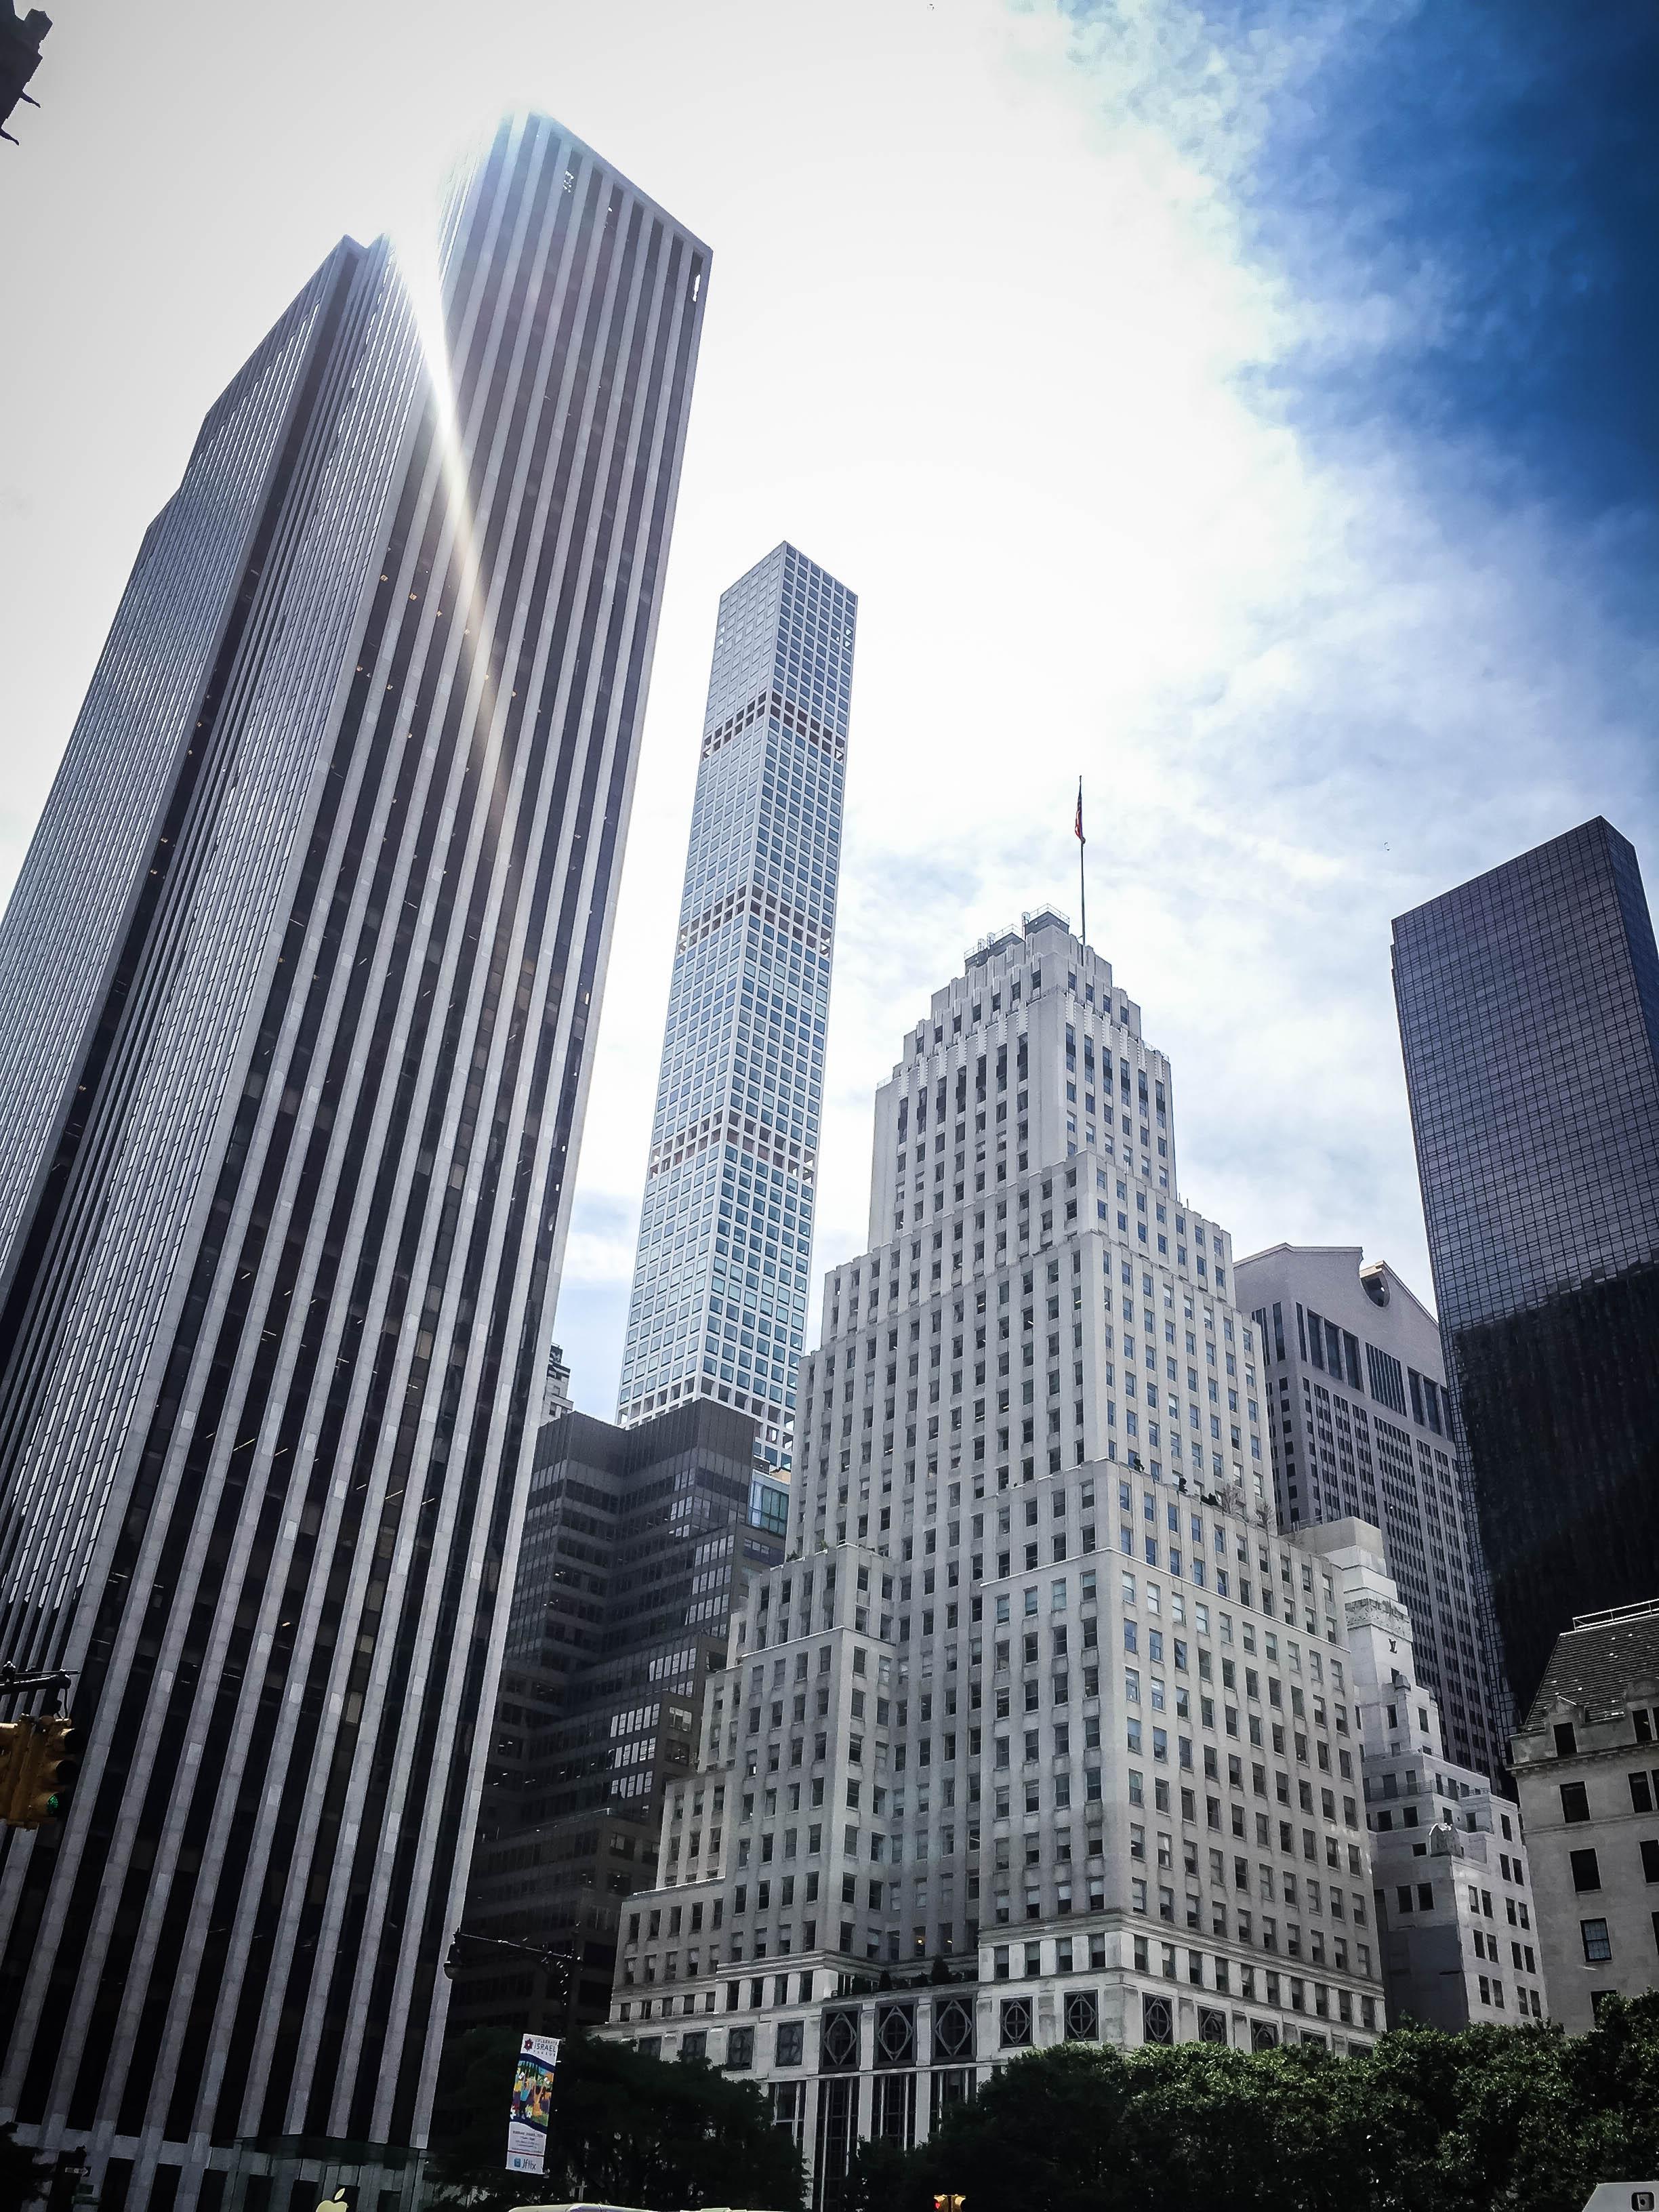 [旅遊] NYC 紐約自由行♡曼哈頓 // 大都會博物館。第五大道。紐約公共圖書館 | Jie's 冒險之旅